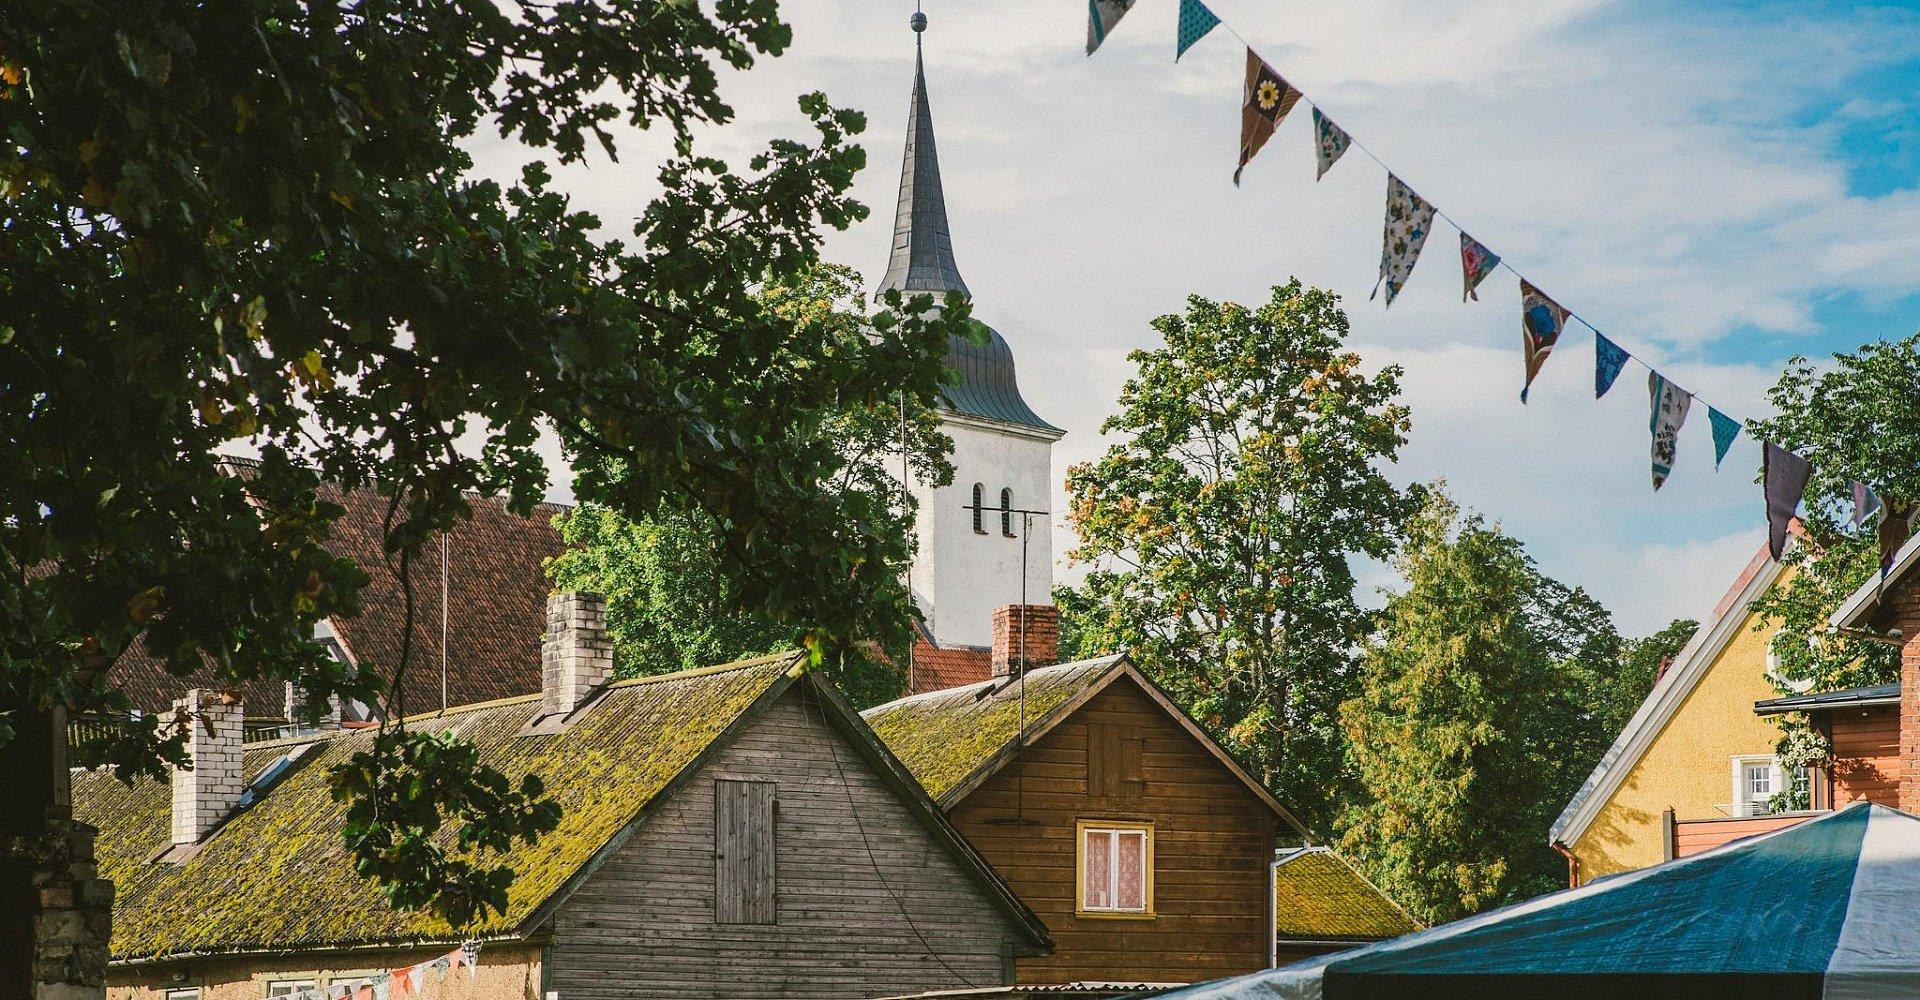 Вильянди - Путешествуем по Эстонии